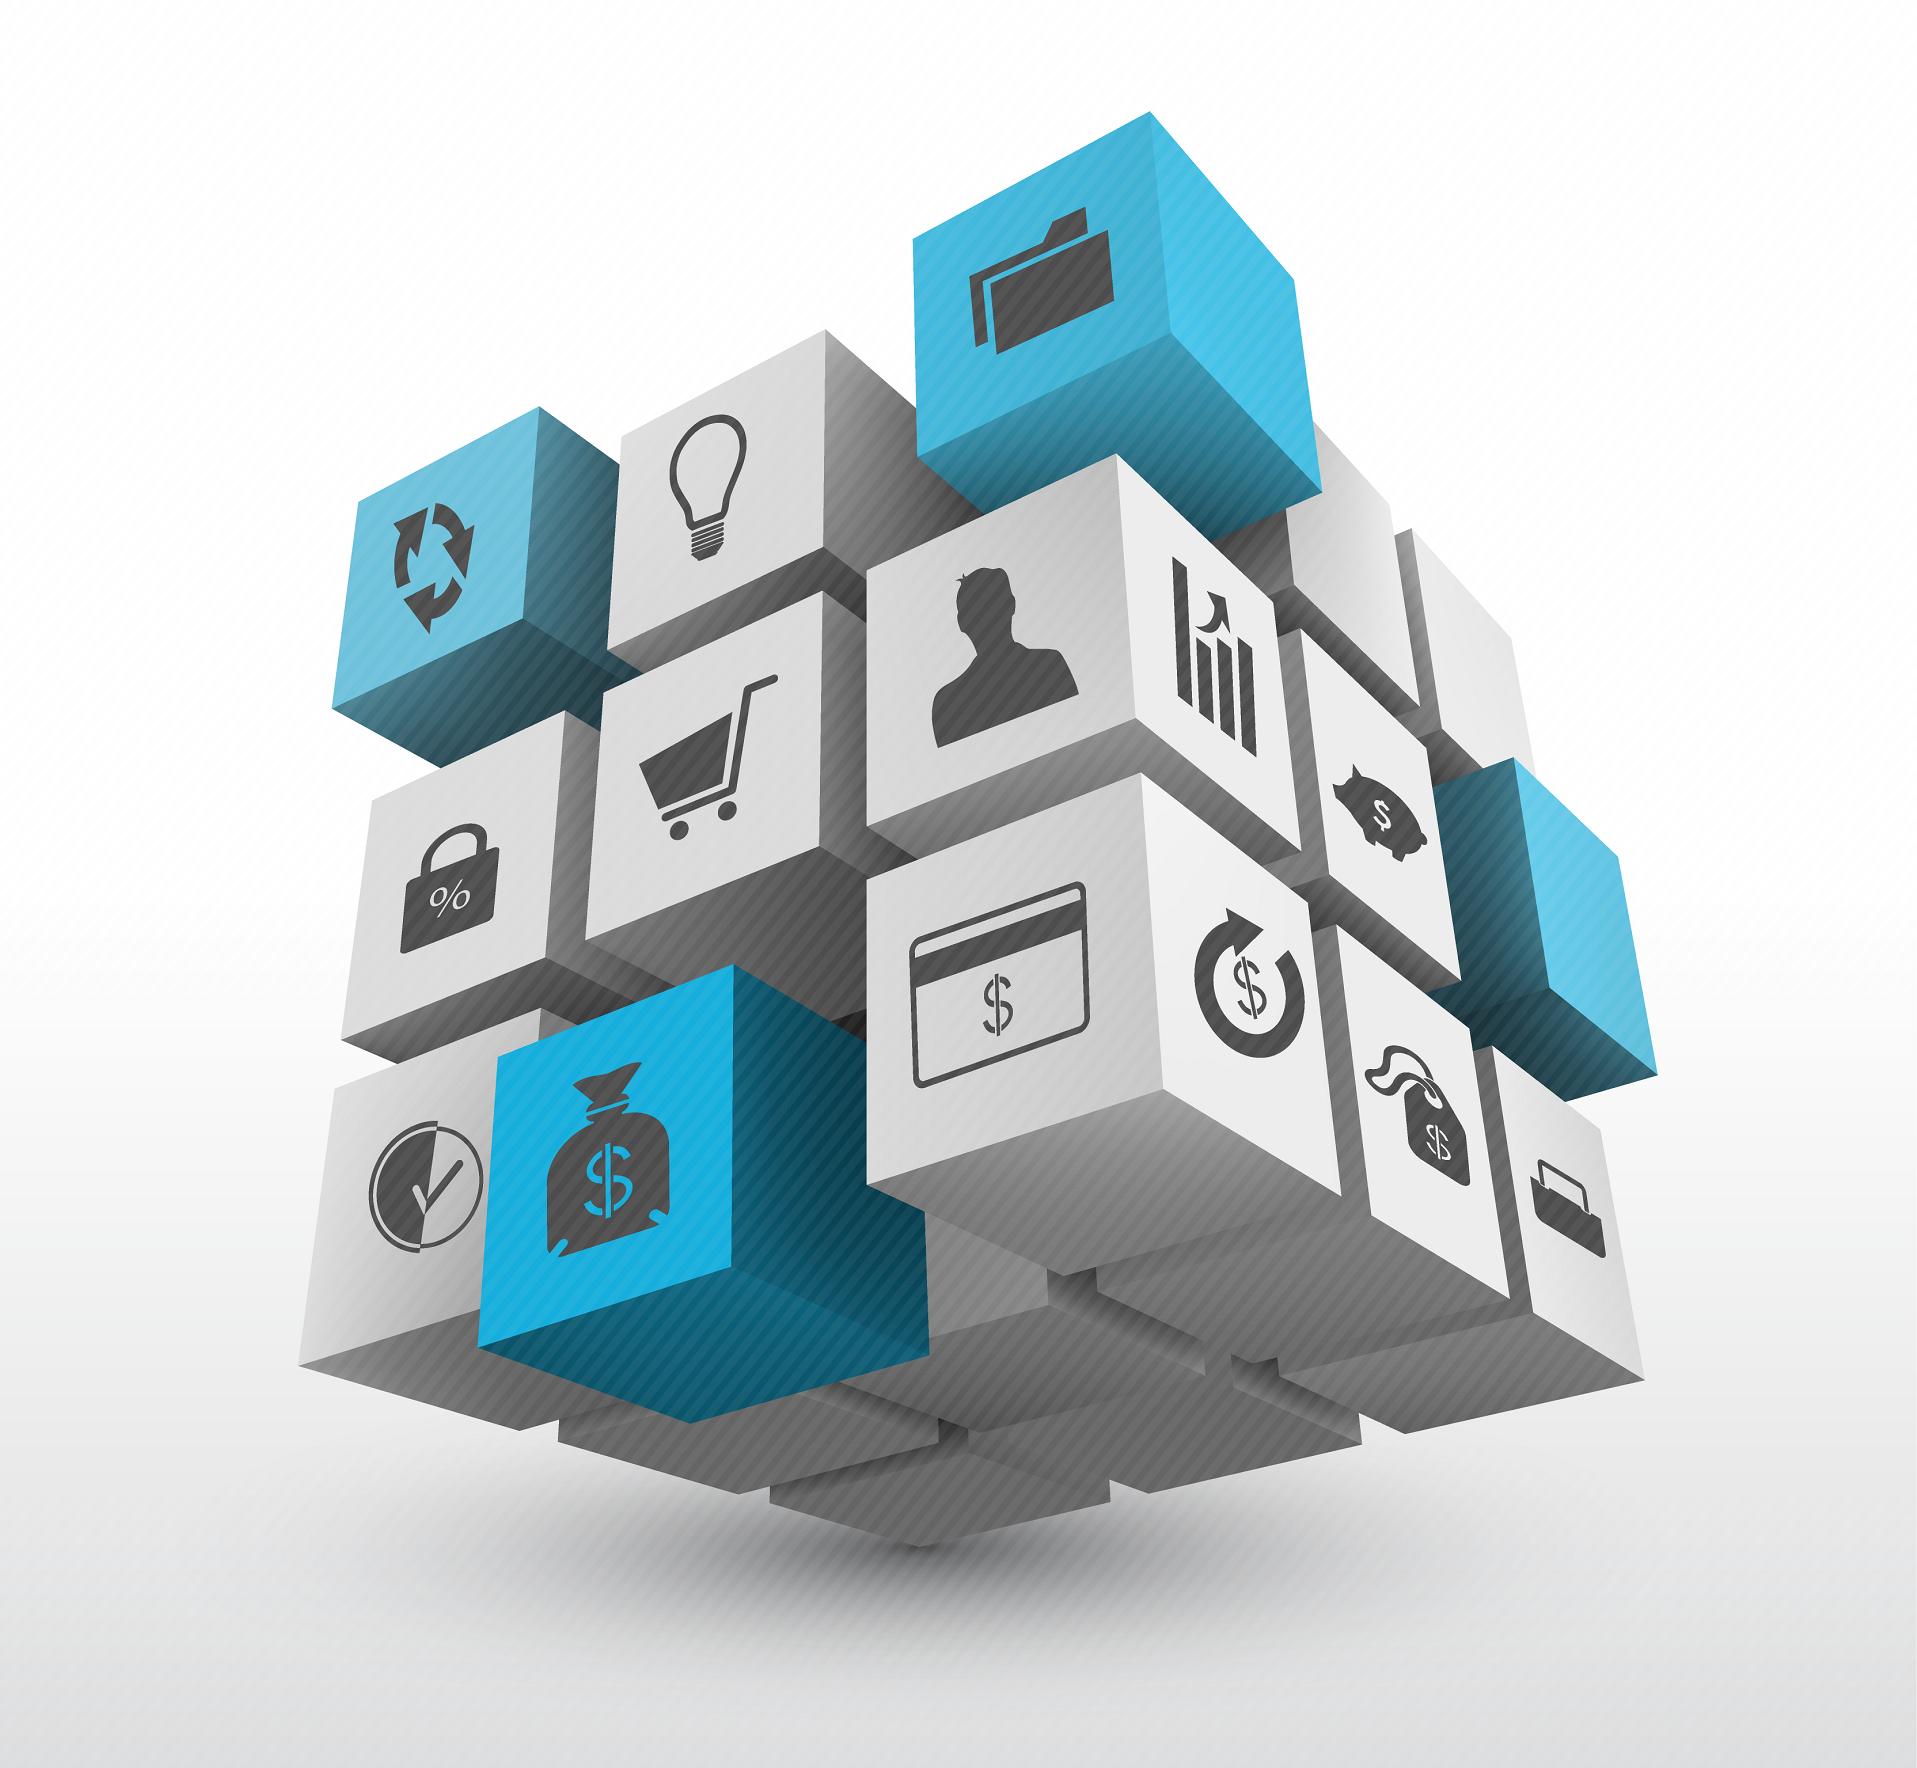 Datu aizsardzības regula mārketingā